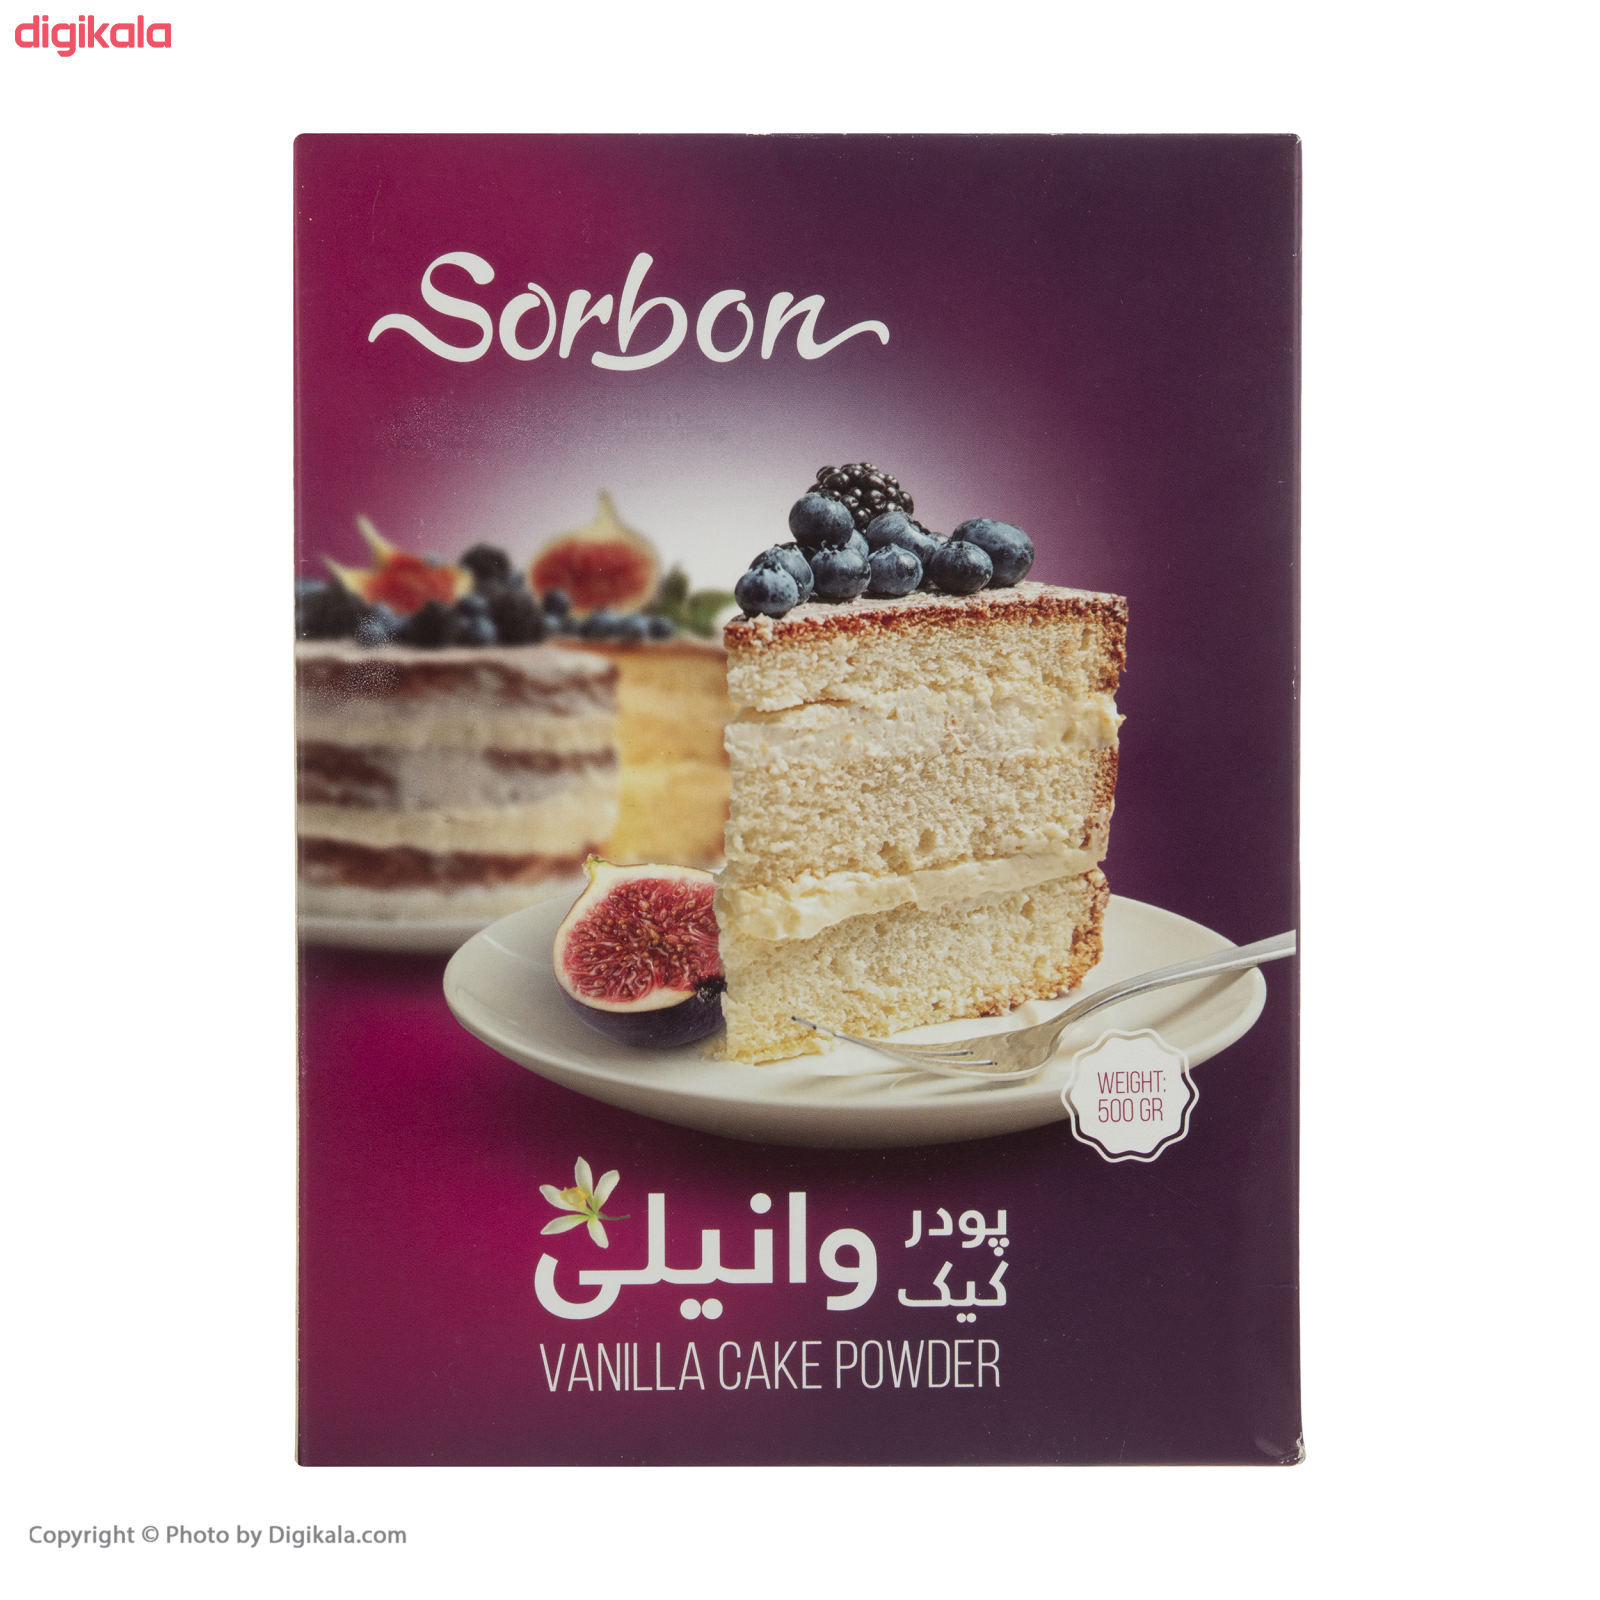 پودر کیک وانیلی سوربن - 500 گرم main 1 1